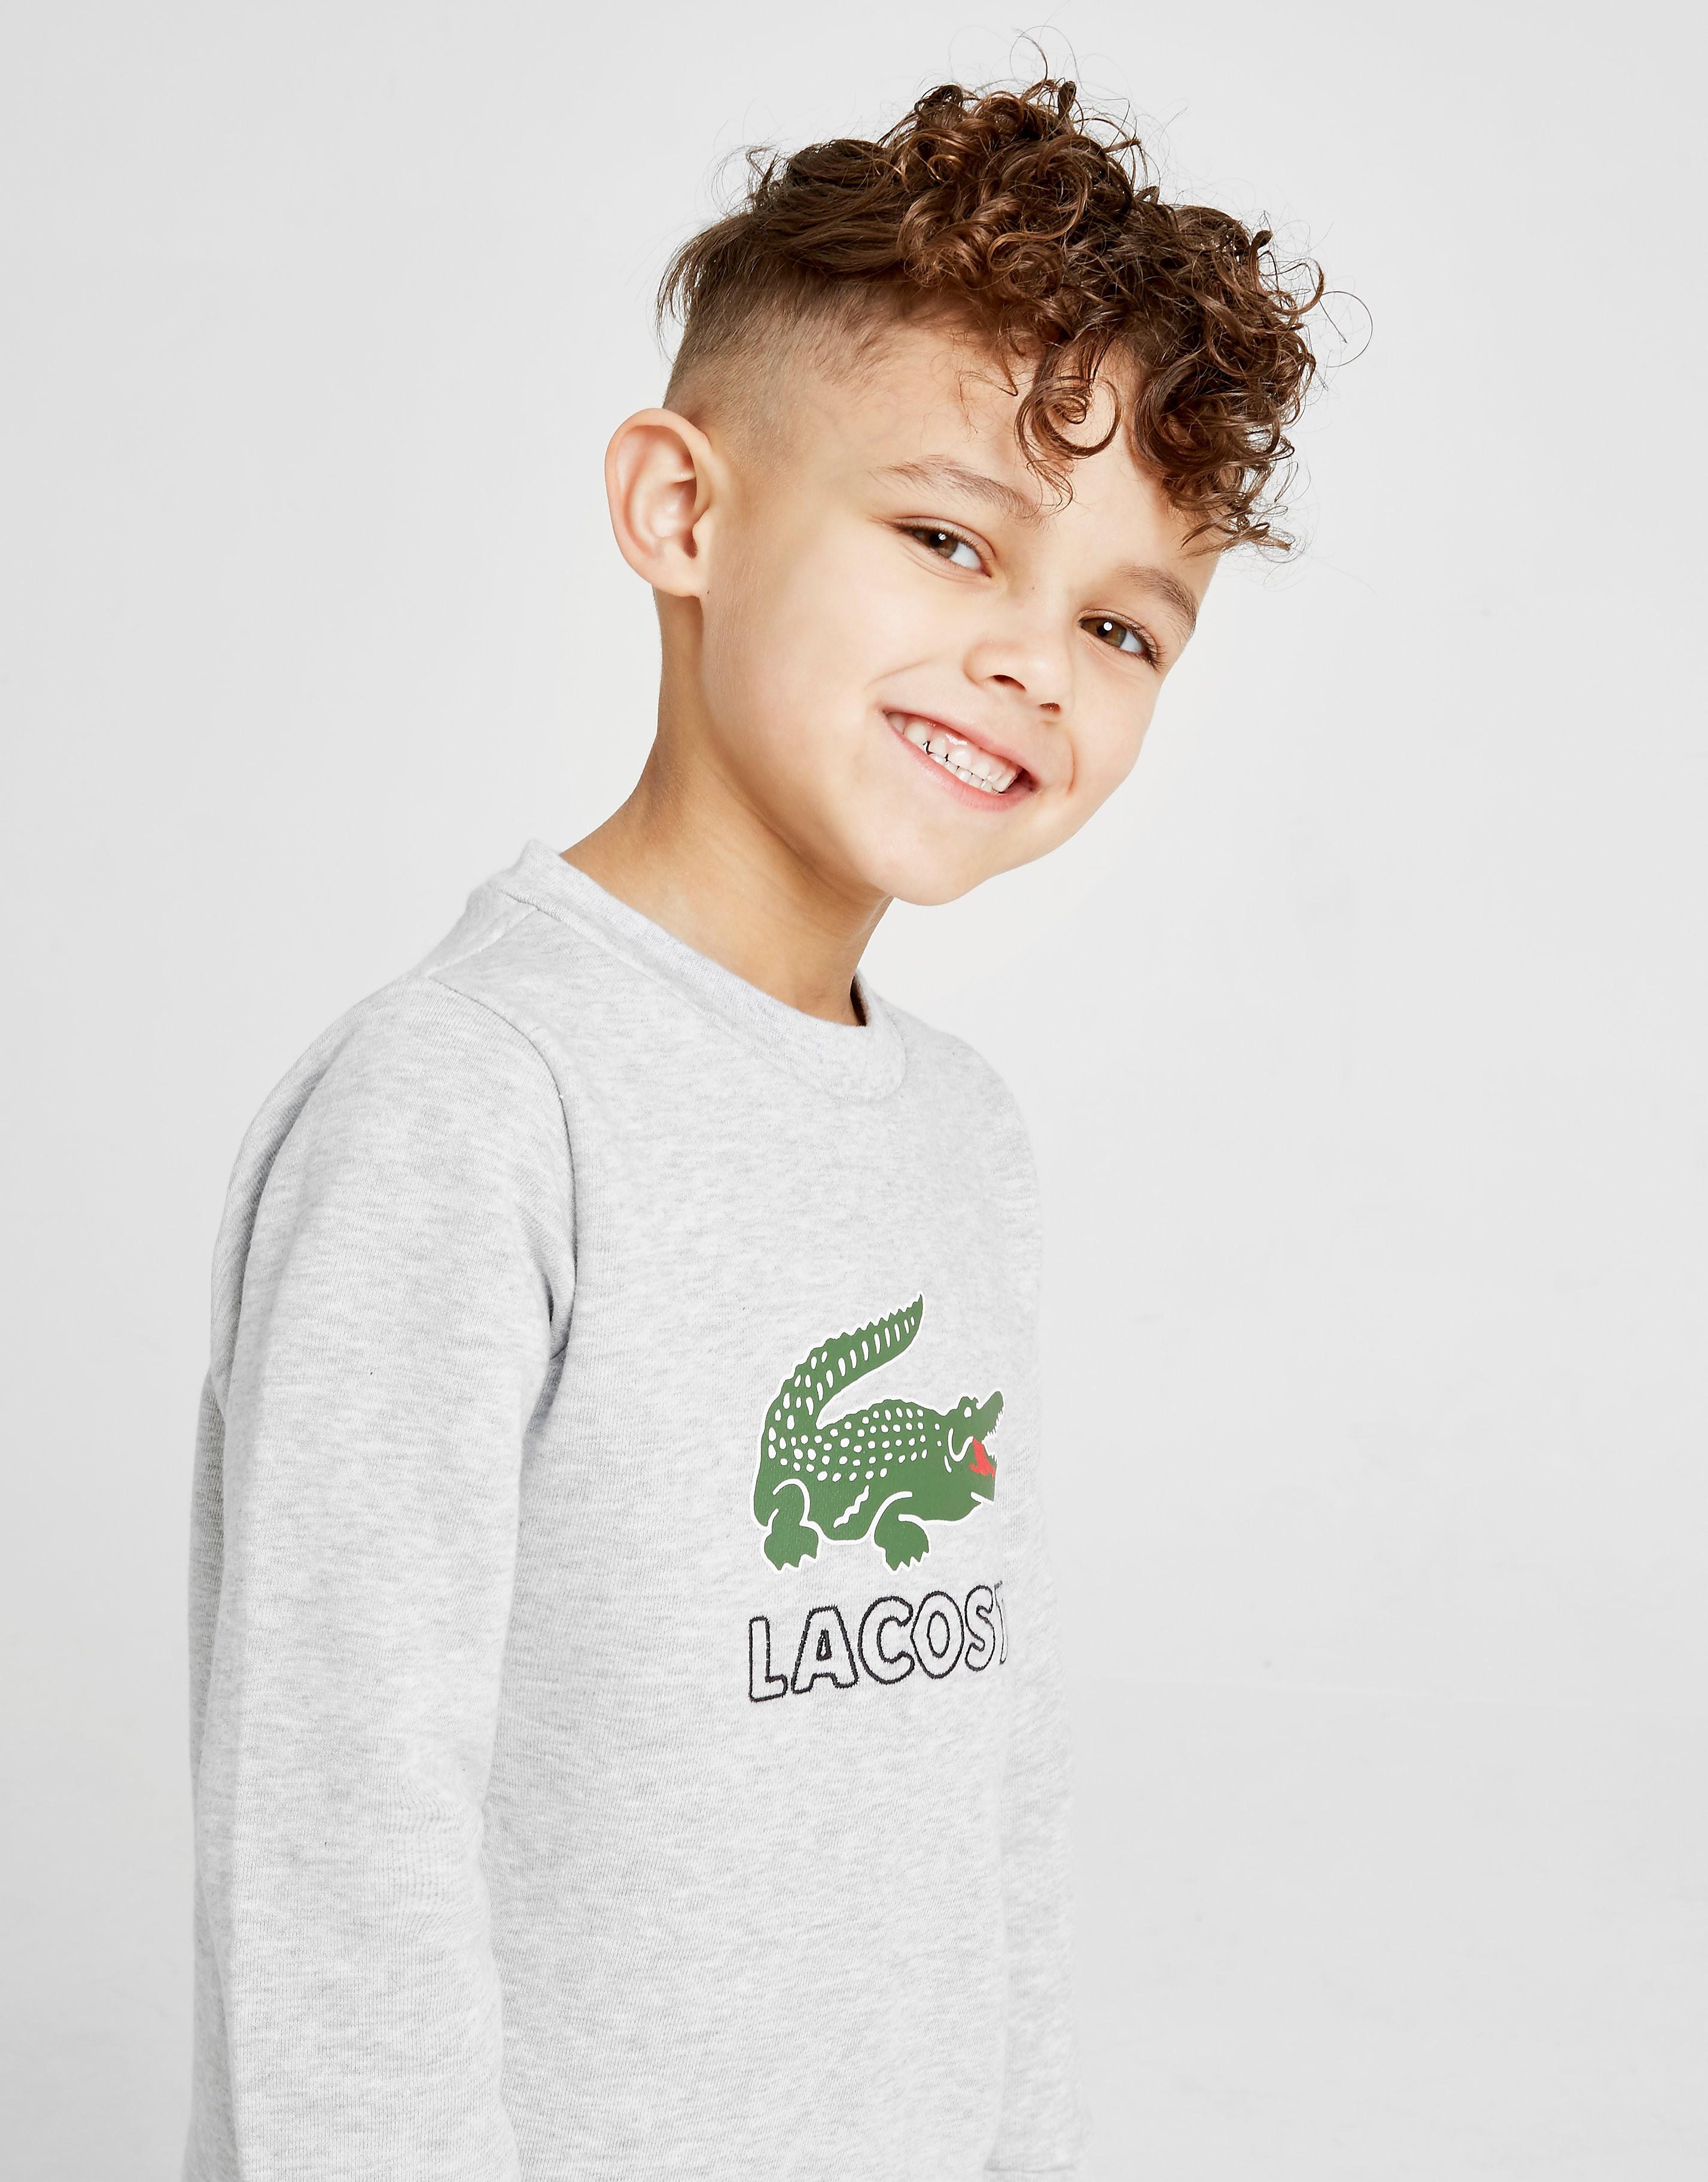 Lacoste Vintage Croc Crew Sweatshirt Children - Grijs - Kind